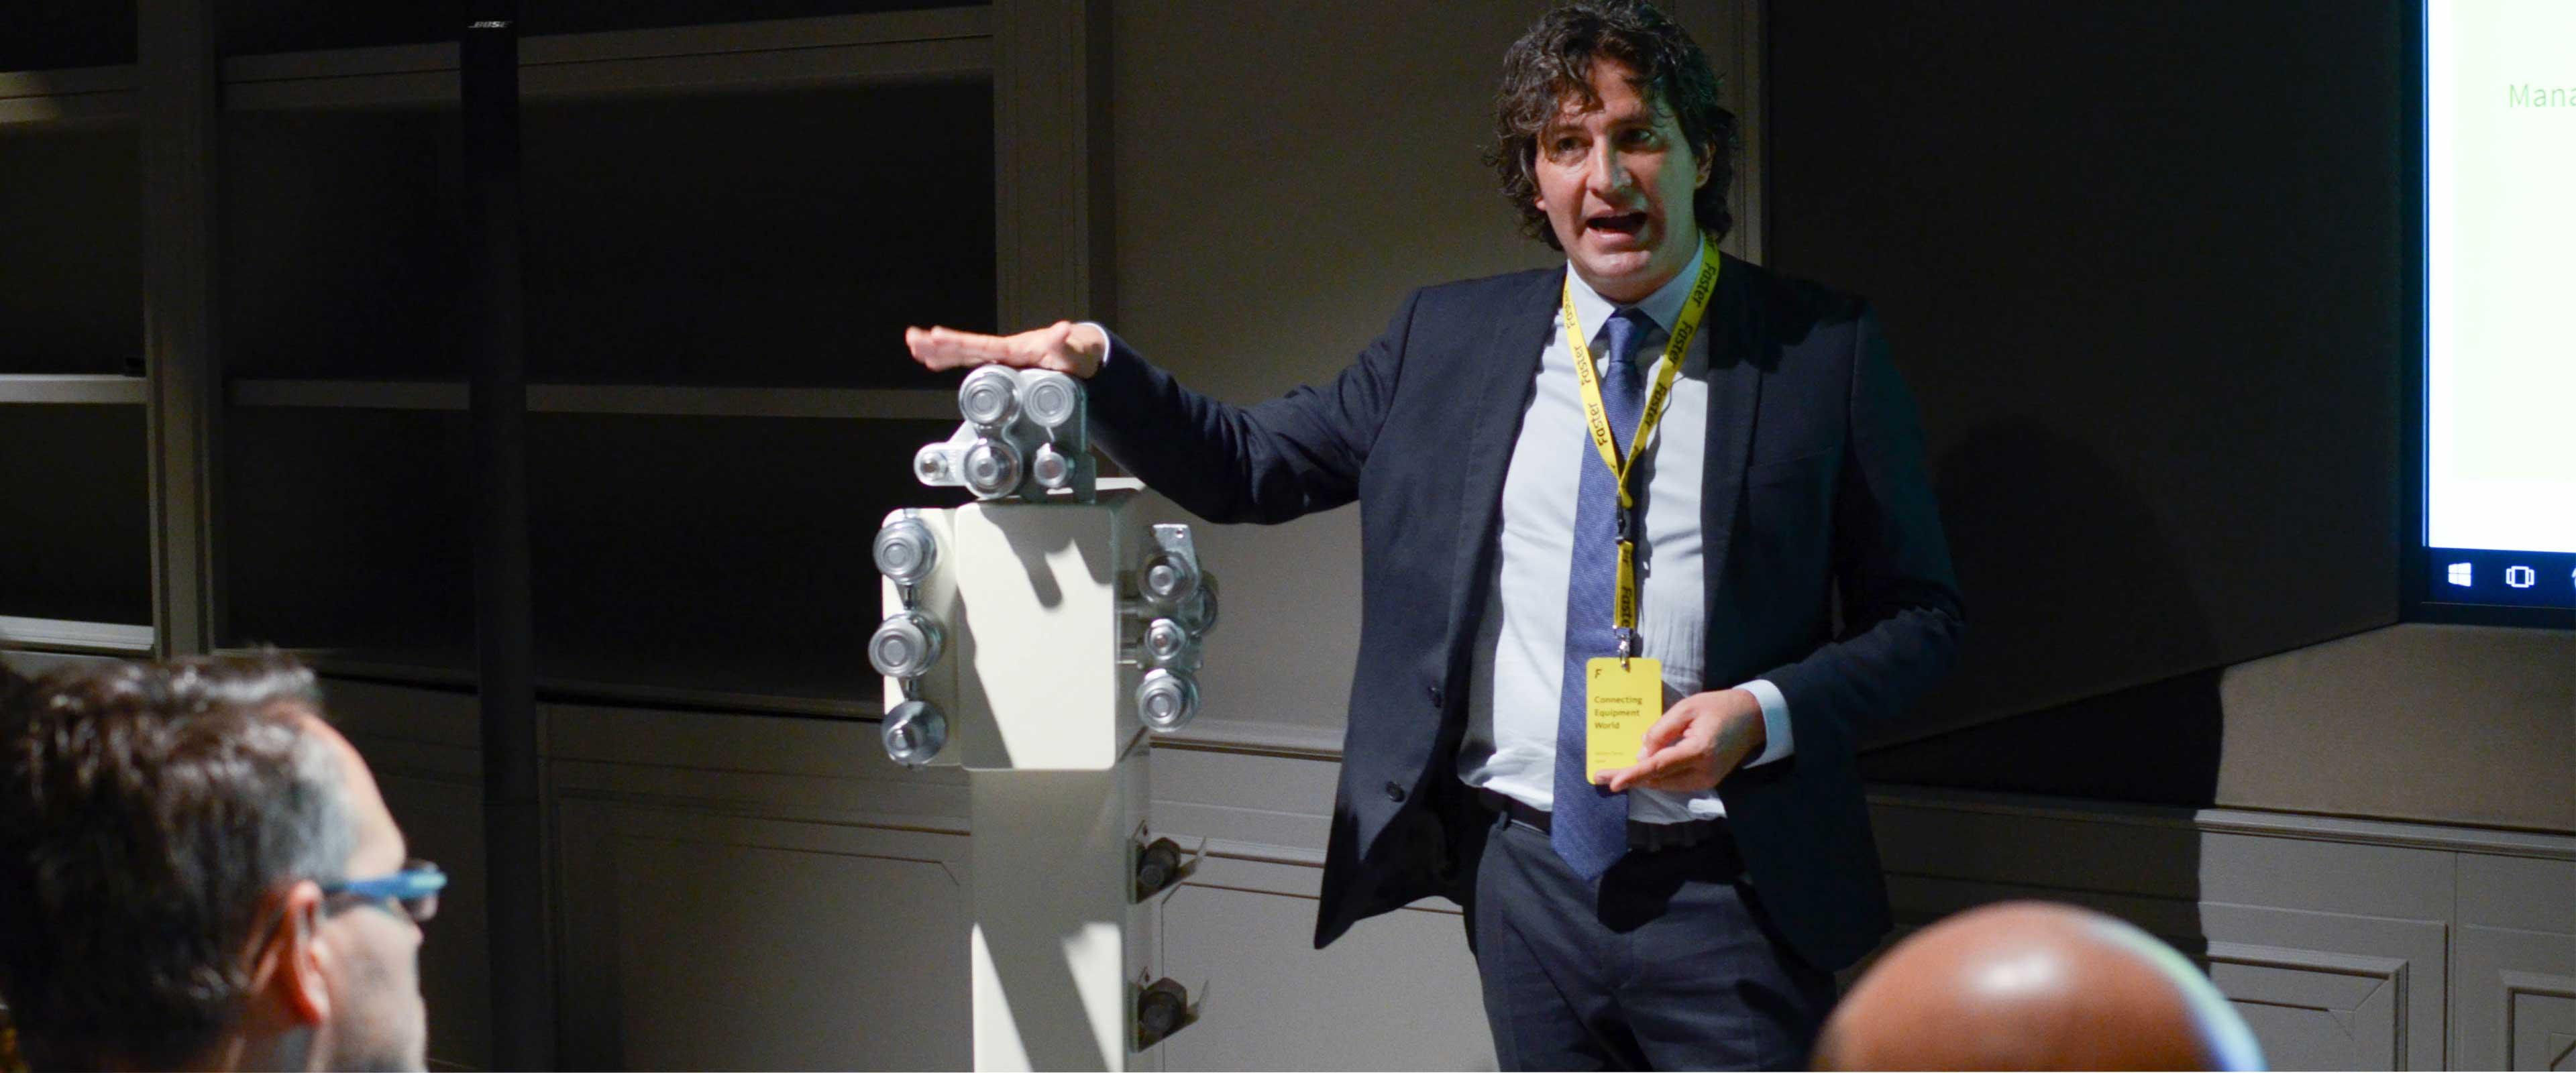 Giancarlo Bruno Rai special guest a evento di ATC per Faster al Bou-tek Milano